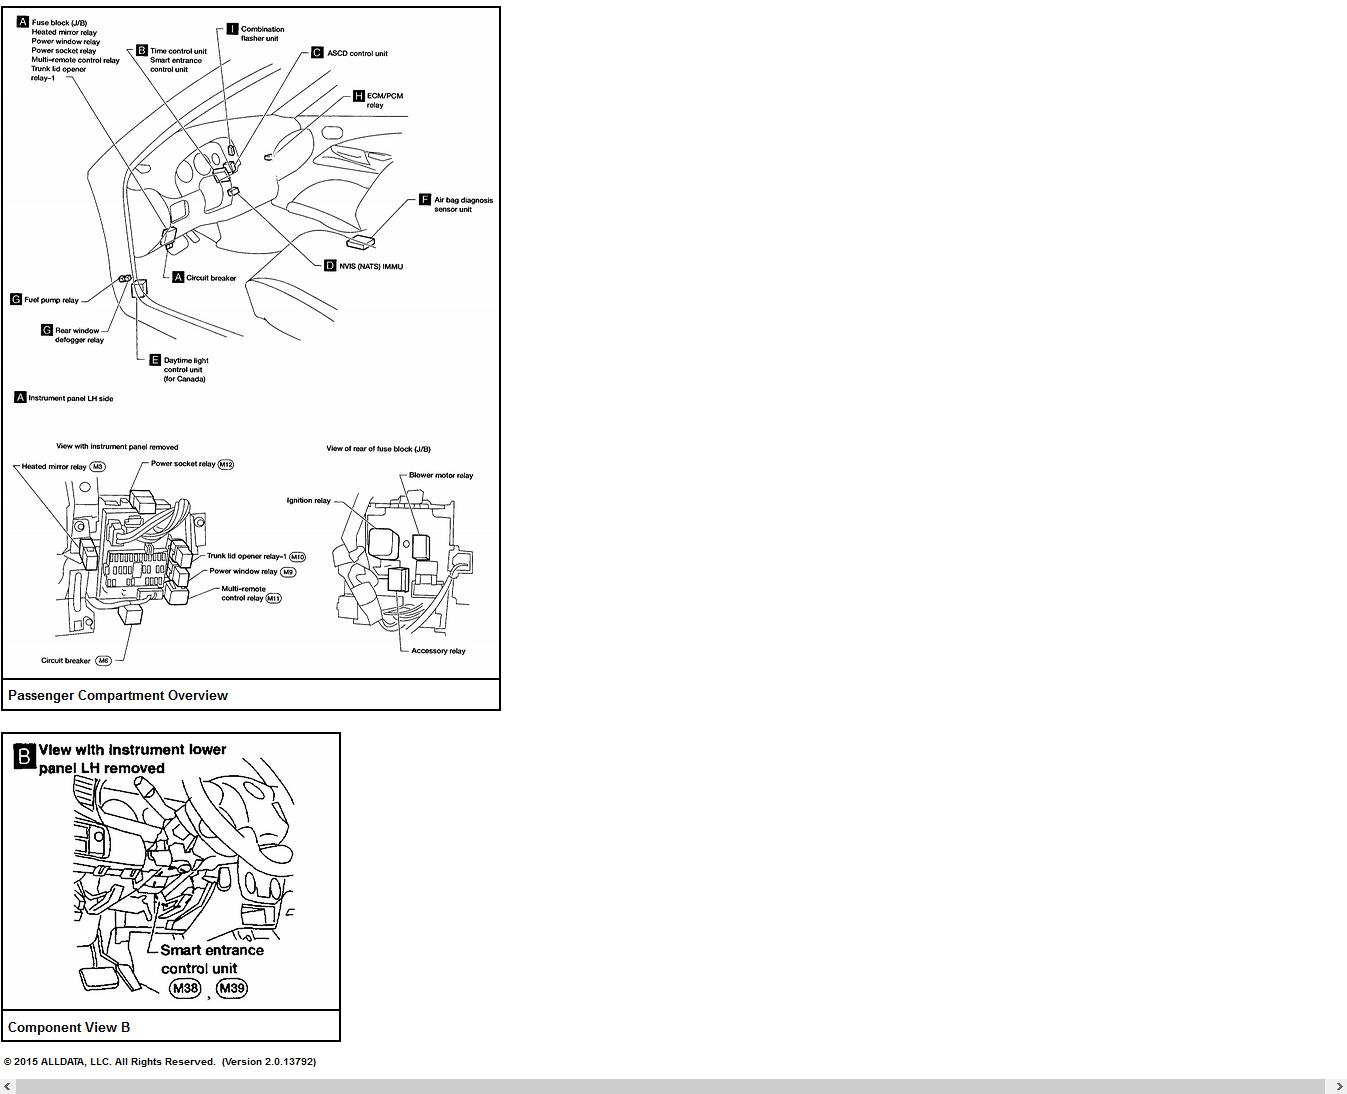 fd1bb756-aa0b-435c-acbf-2c773f7ecff6_2015-11-15_074650.png